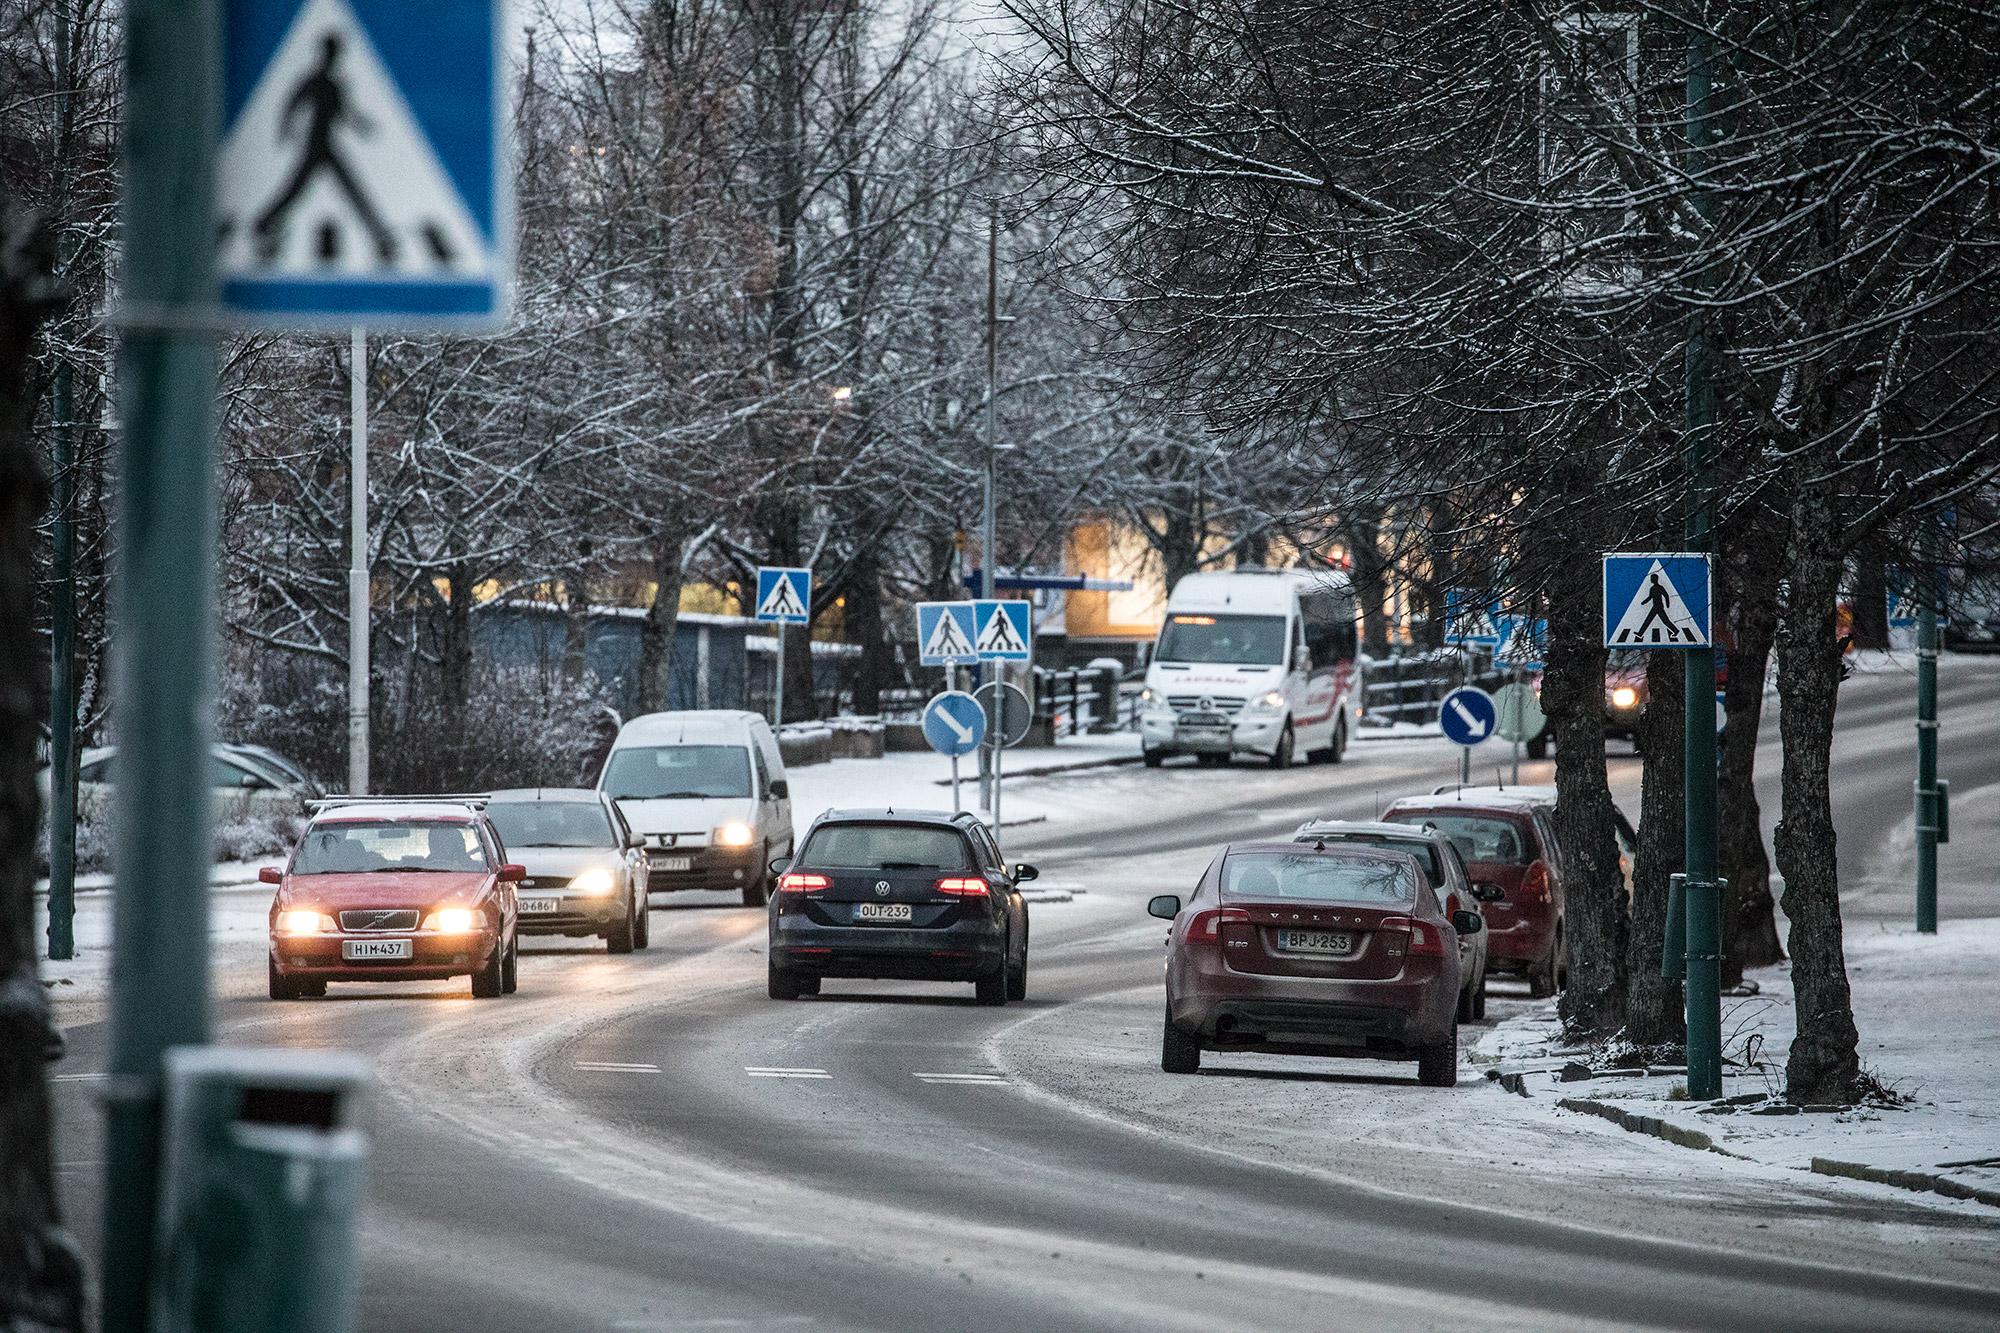 Palveluliikenteen kyyti tilataan ensi maanantaista alkaen Tuomi logistiikan välityskeskuksesta.